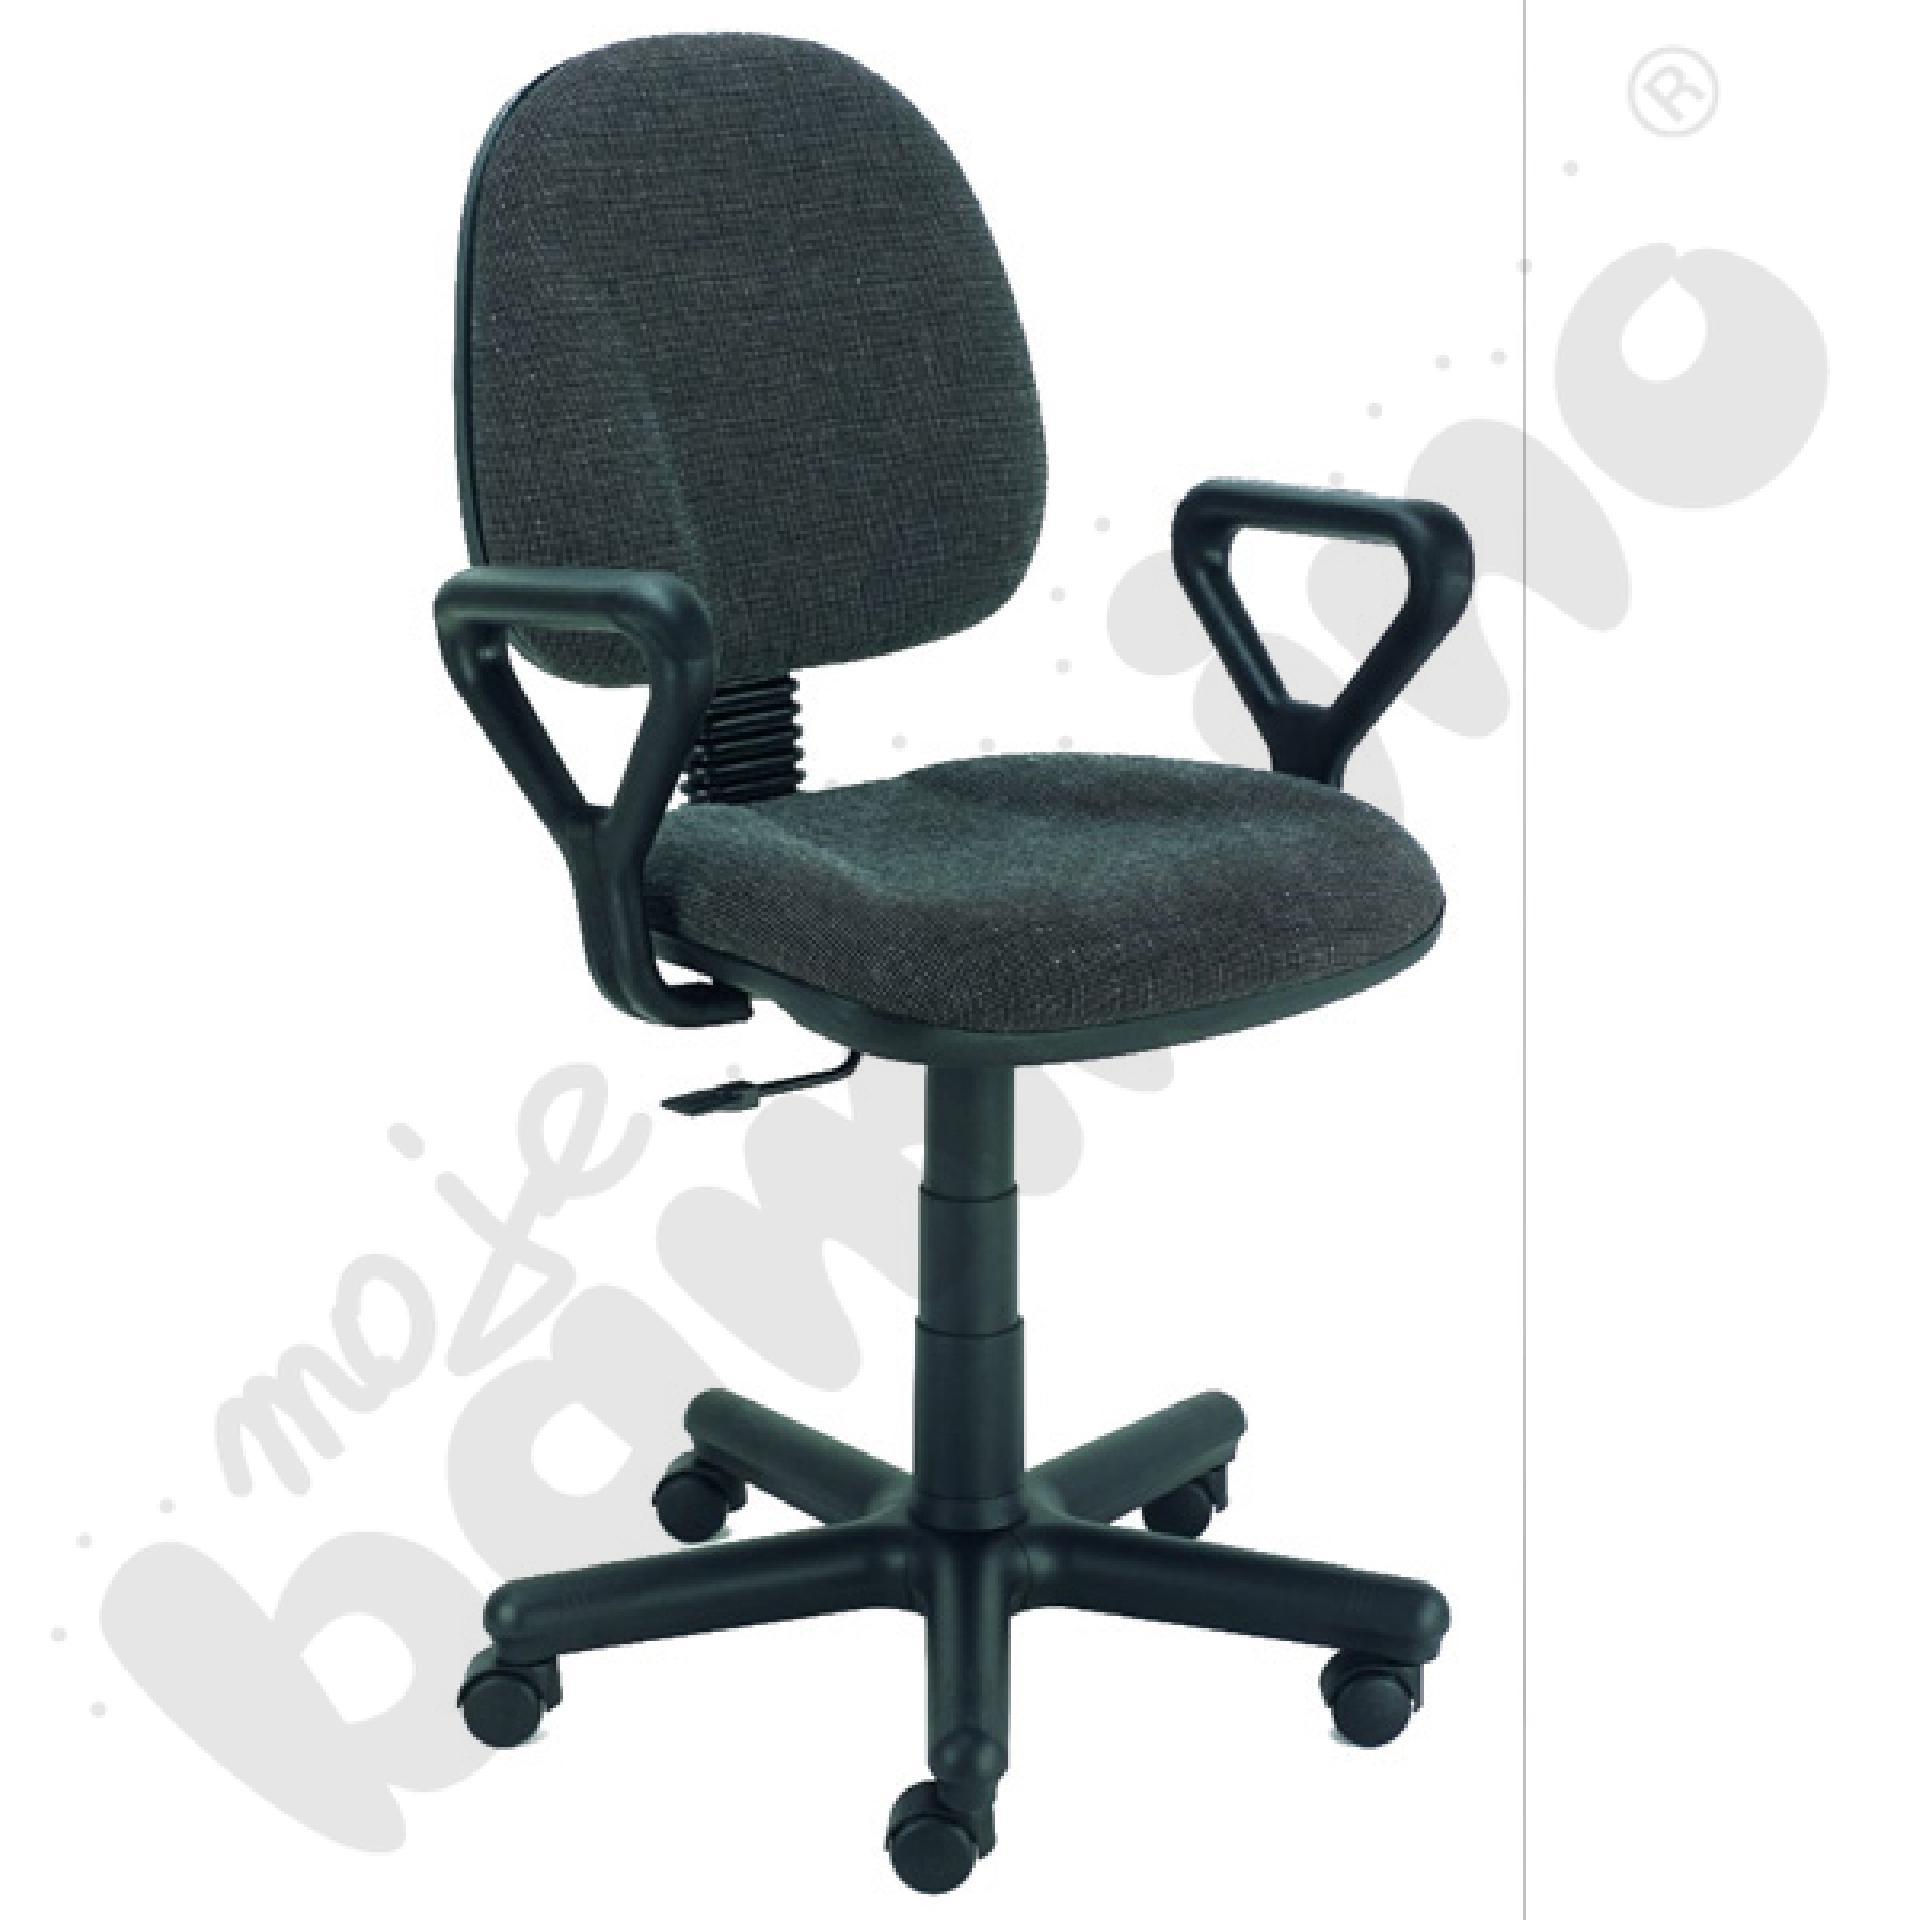 Krzesło obrotowe Regal Gtp C-73 kolor szaro-czarny